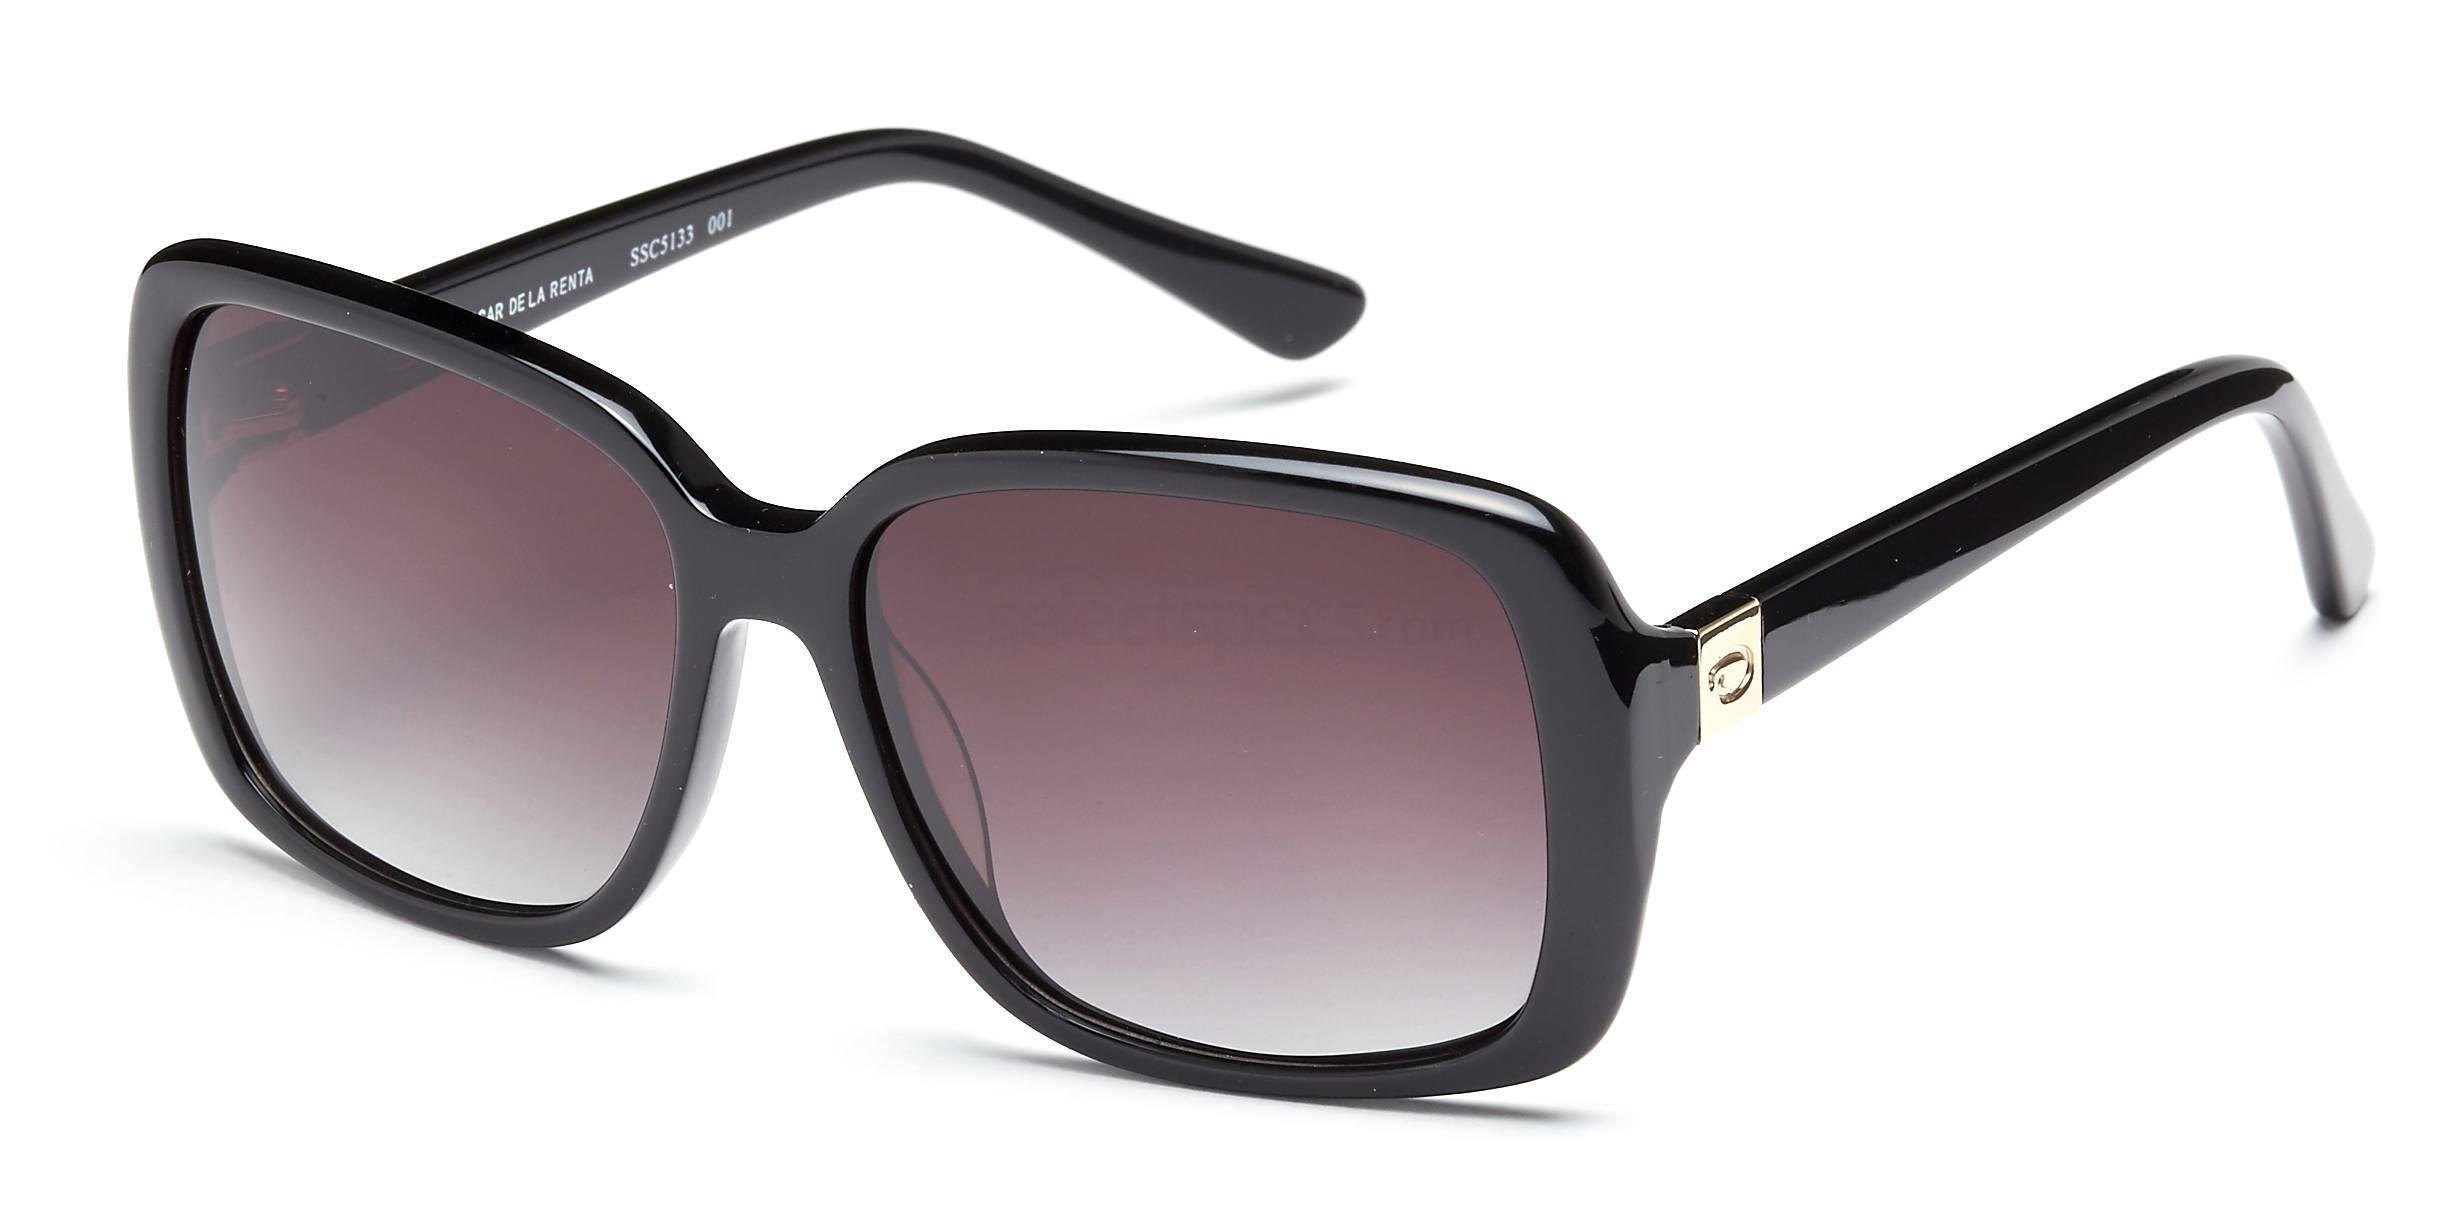 C1 SSC5133 Sunglasses, Oscar De La Renta